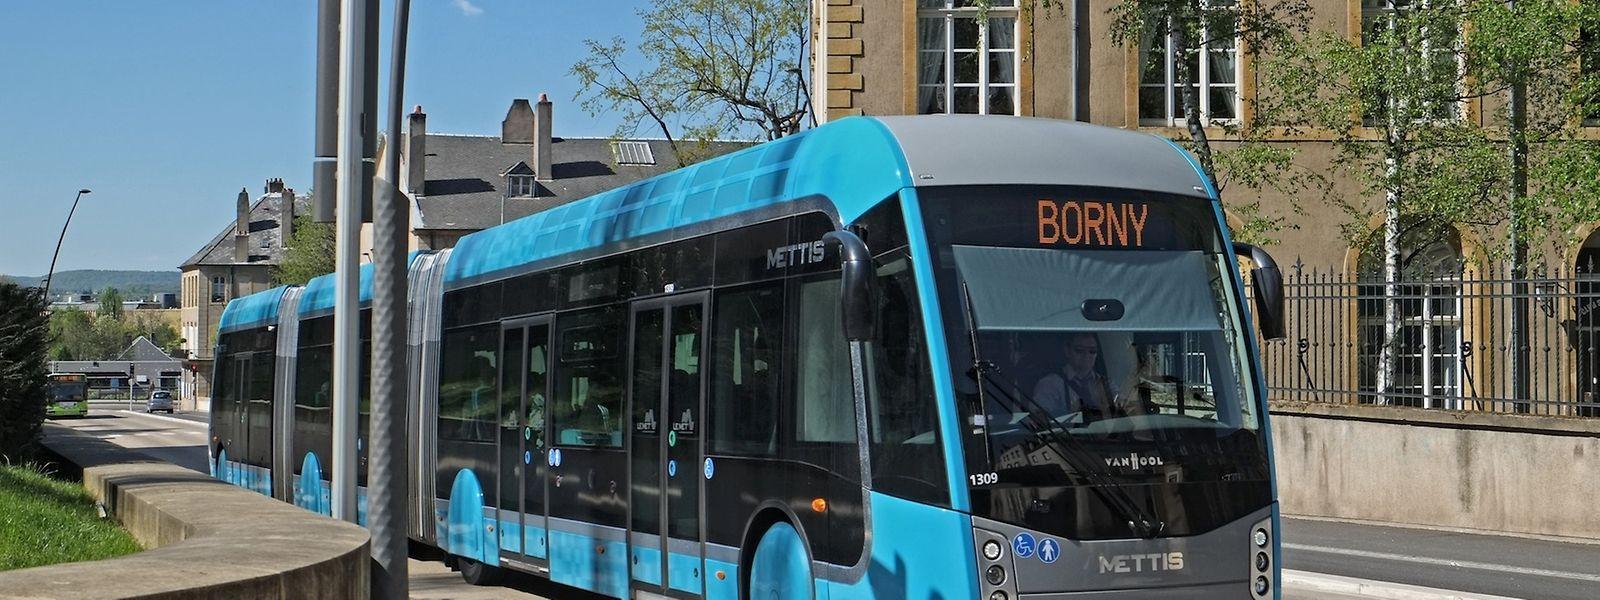 """Ähnlich wie der Mettis in Metz könnte in Zukunft ein """"Bus à haut niveau de service"""" die Minette-Region erschließen."""